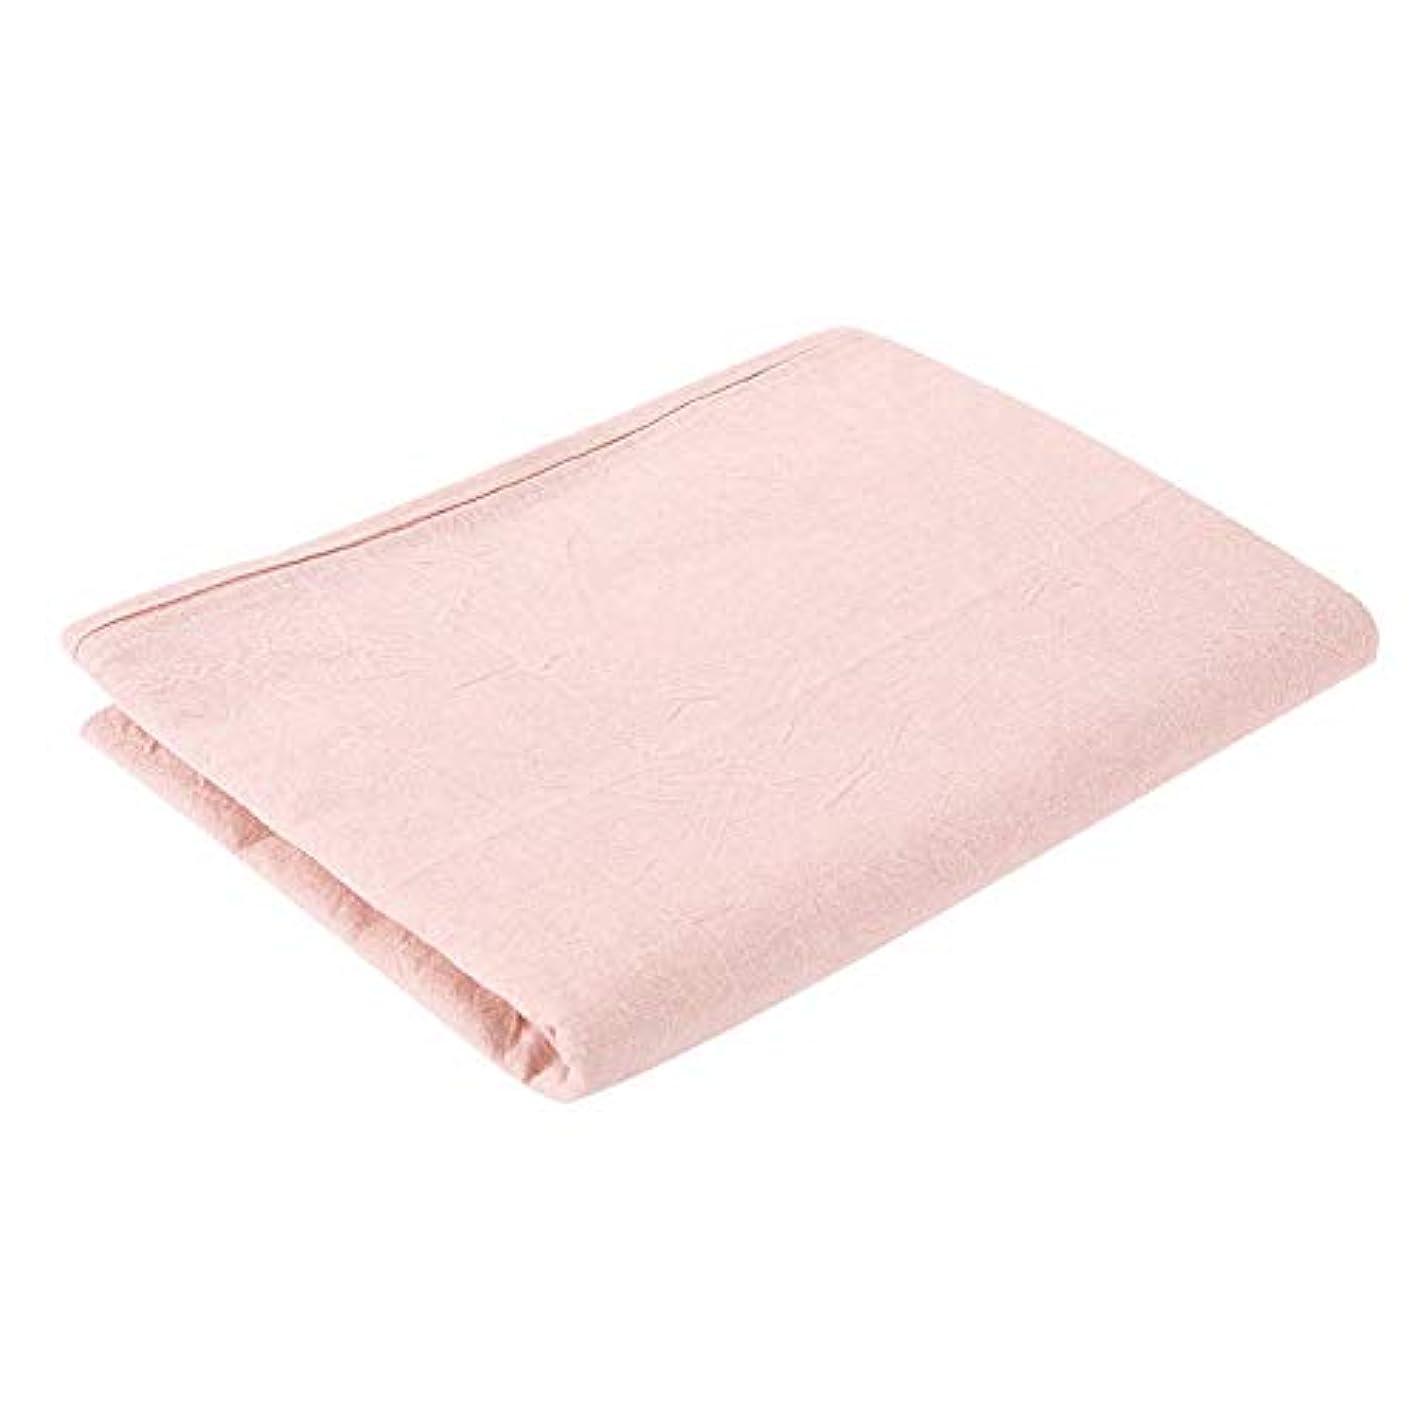 速度高齢者髄通気性のある 穴が付いている 8色 美容院 マッサージ 鉱泉 ソファー 顔の呼吸穴が付いている カバー 柔らかい 綿 ベッド カバー(07)